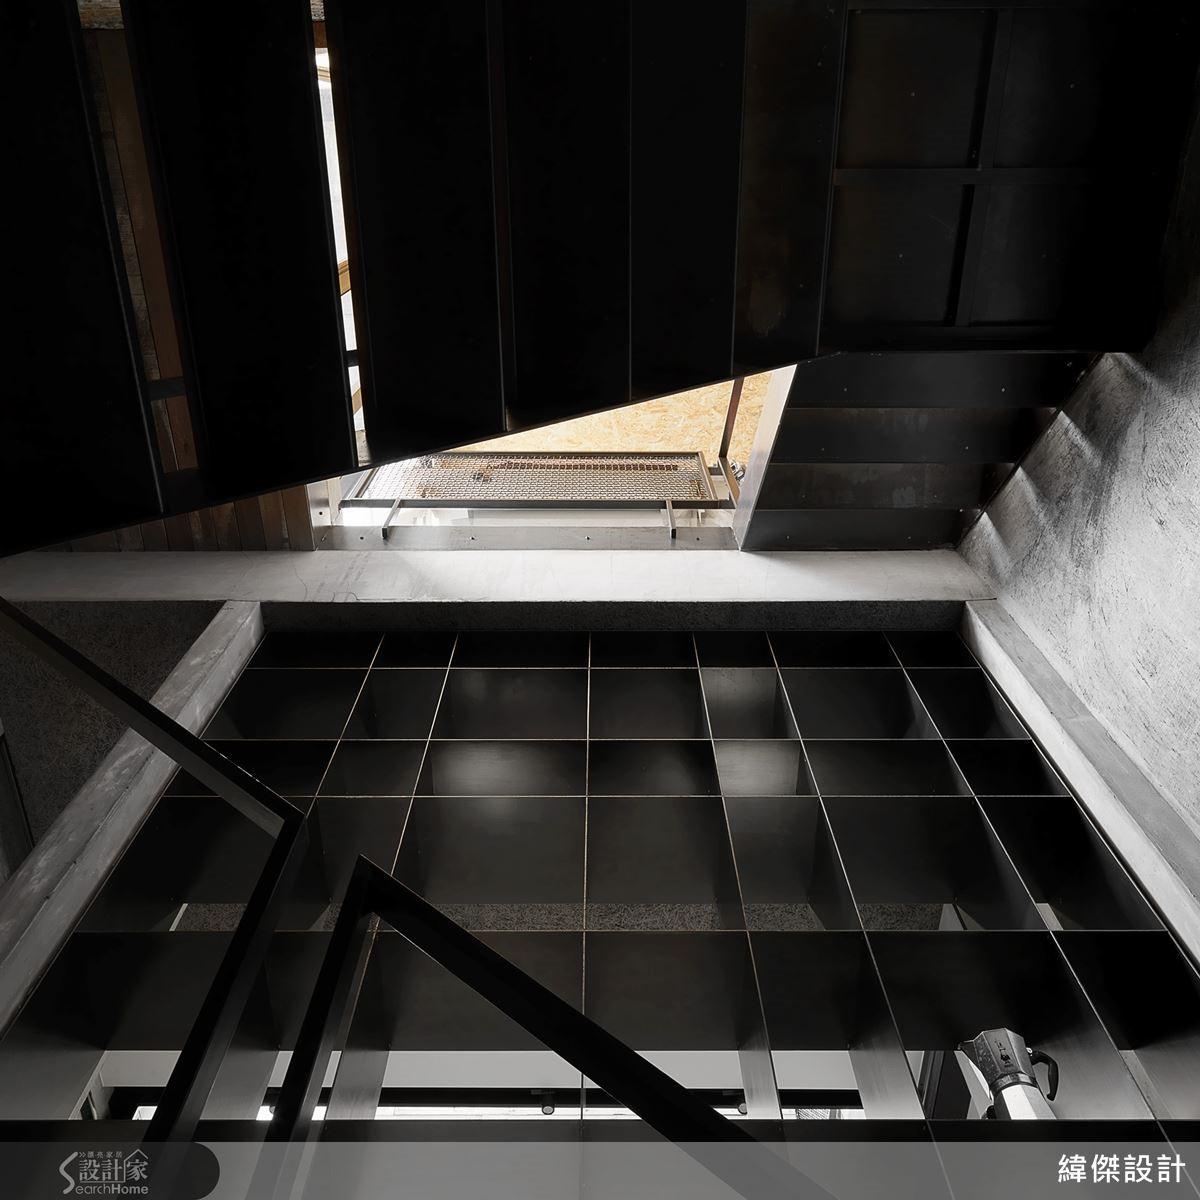 定位縱軸樓梯,打開空間束縛,定位合理的格局動線,轉化狹長建築為基地優勢,成就陽光、空氣對流順暢的清新好宅。